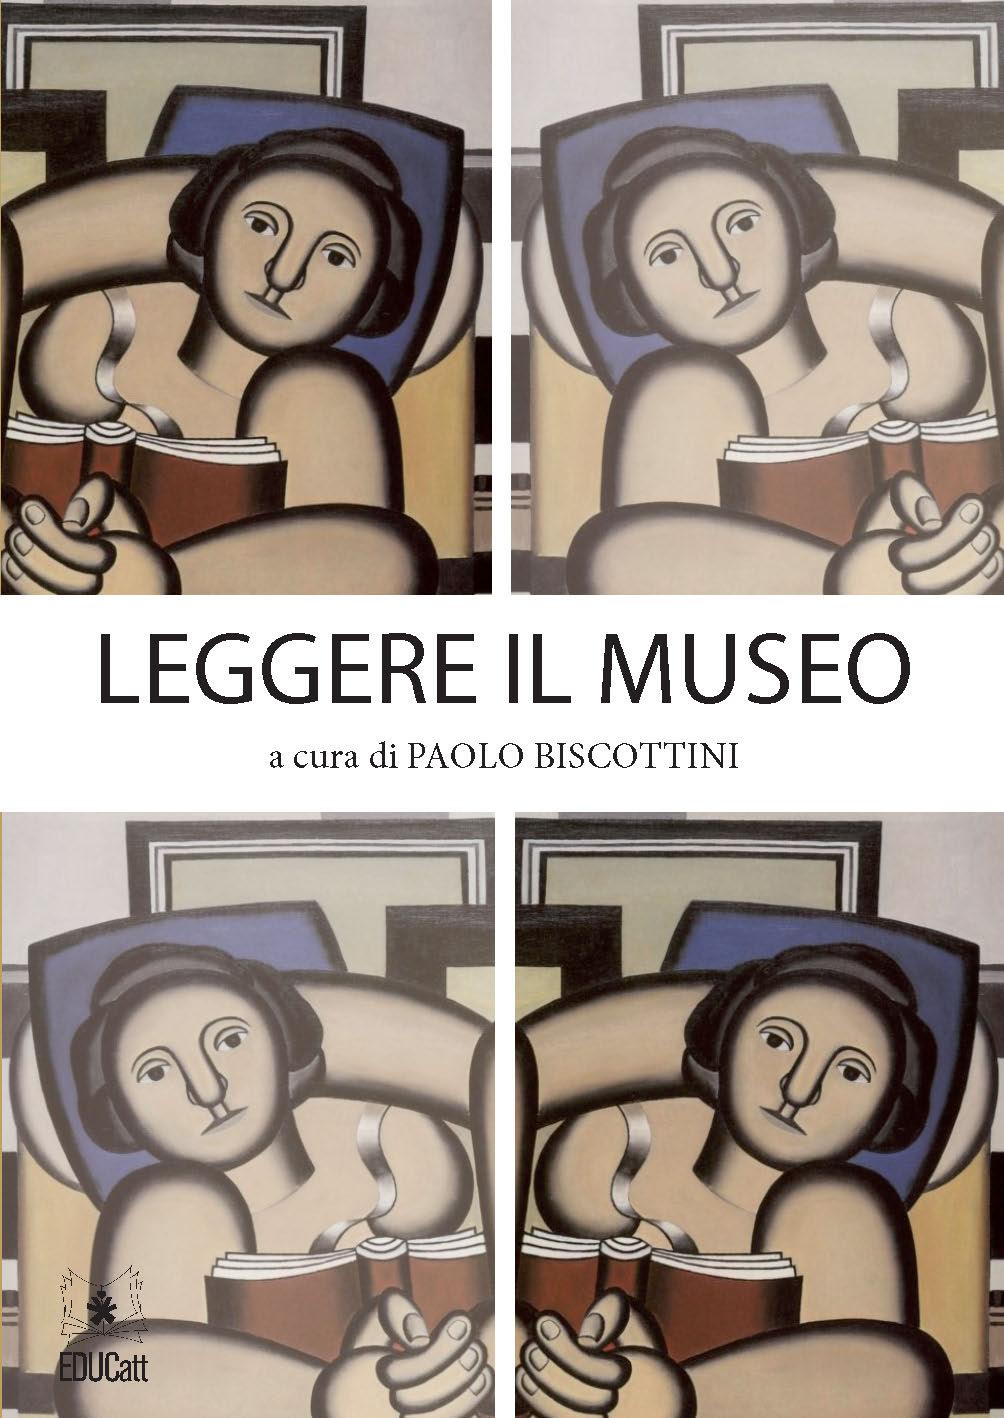 LEGGERE IL MUSEO